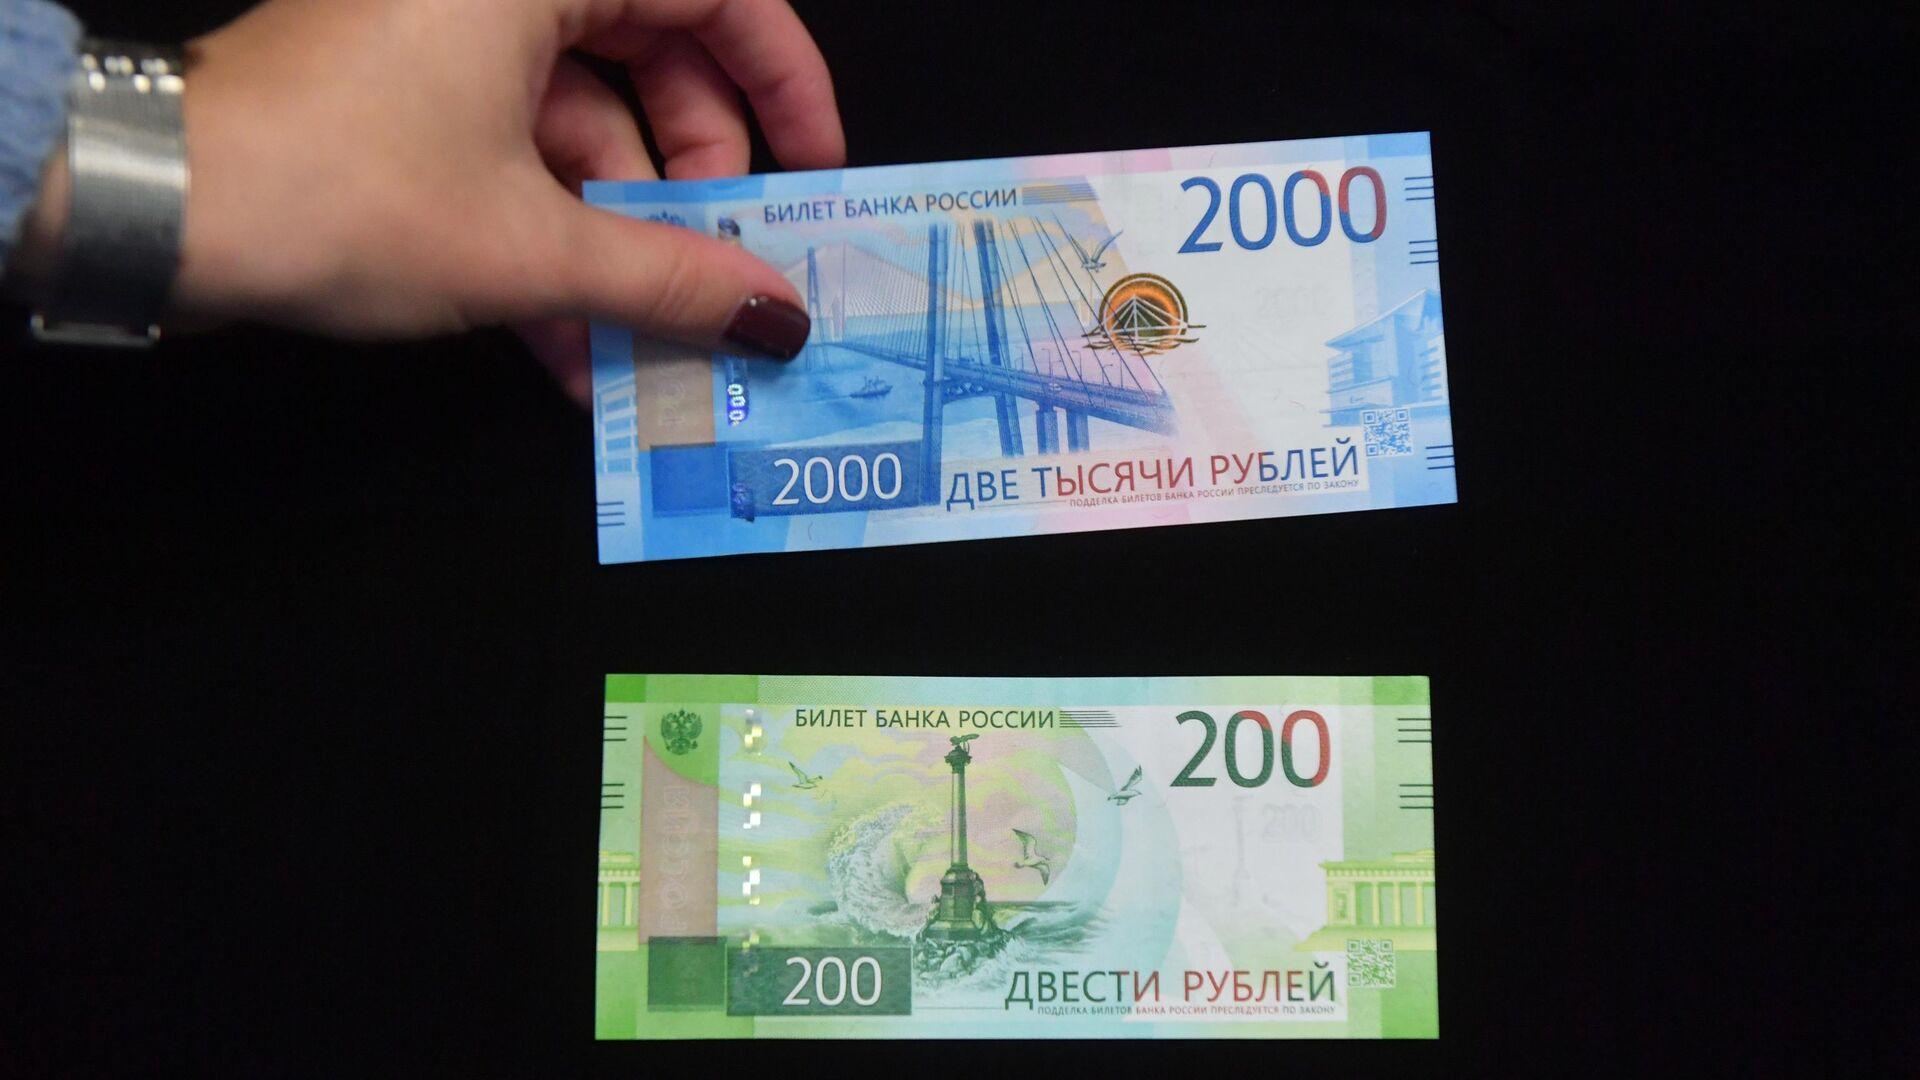 Банкноты Банка России номиналом 200 и 2000 рублей - РИА Новости, 1920, 30.11.2020